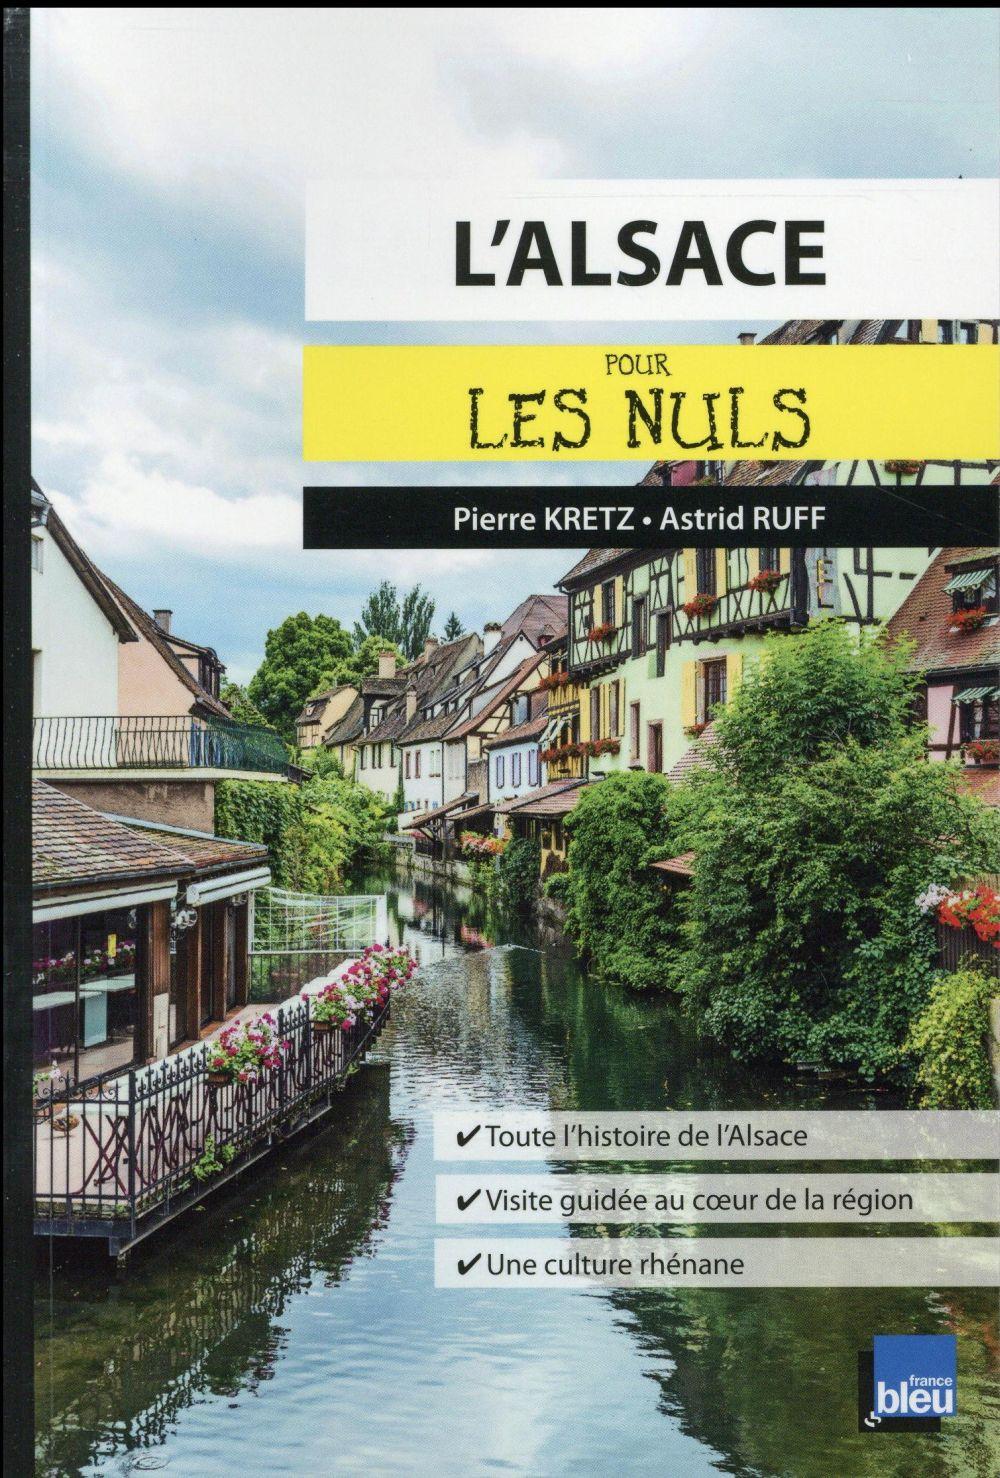 L-ALSACE POCHE POUR LES NULS KRETZ/RUFF/CHALVIN FIRST